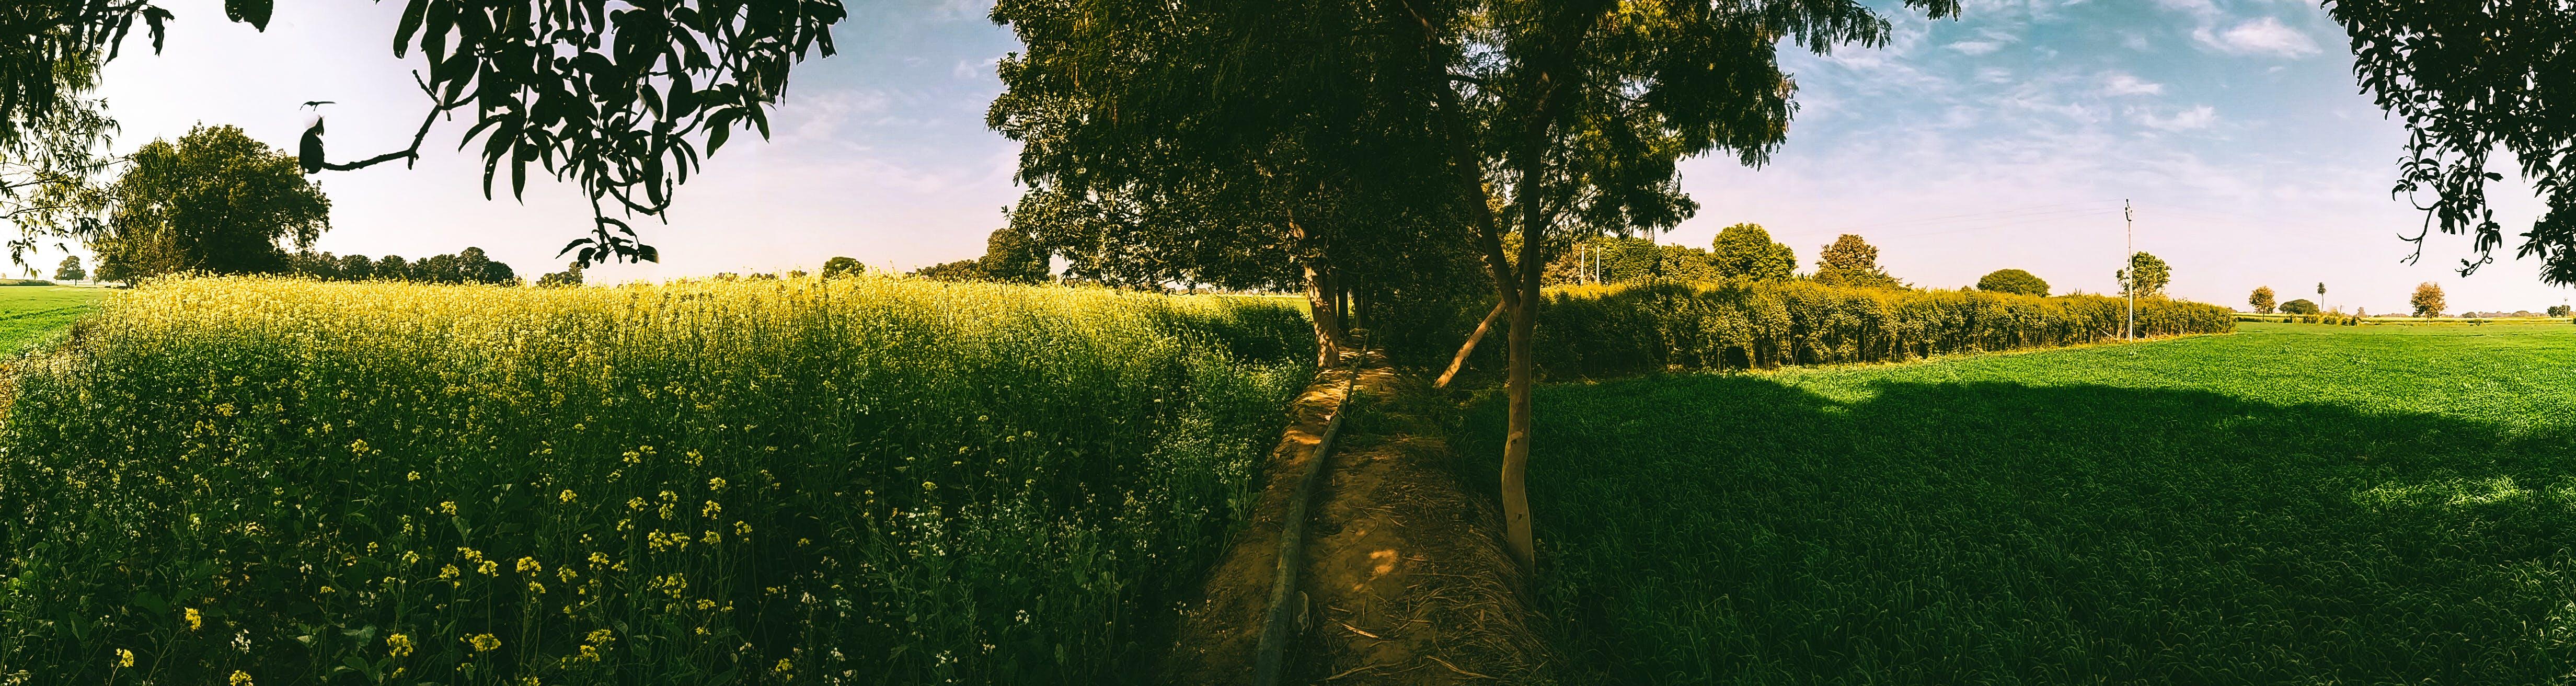 Základová fotografie zdarma na téma HD tapeta, hořčice, hřiště, jasná obloha